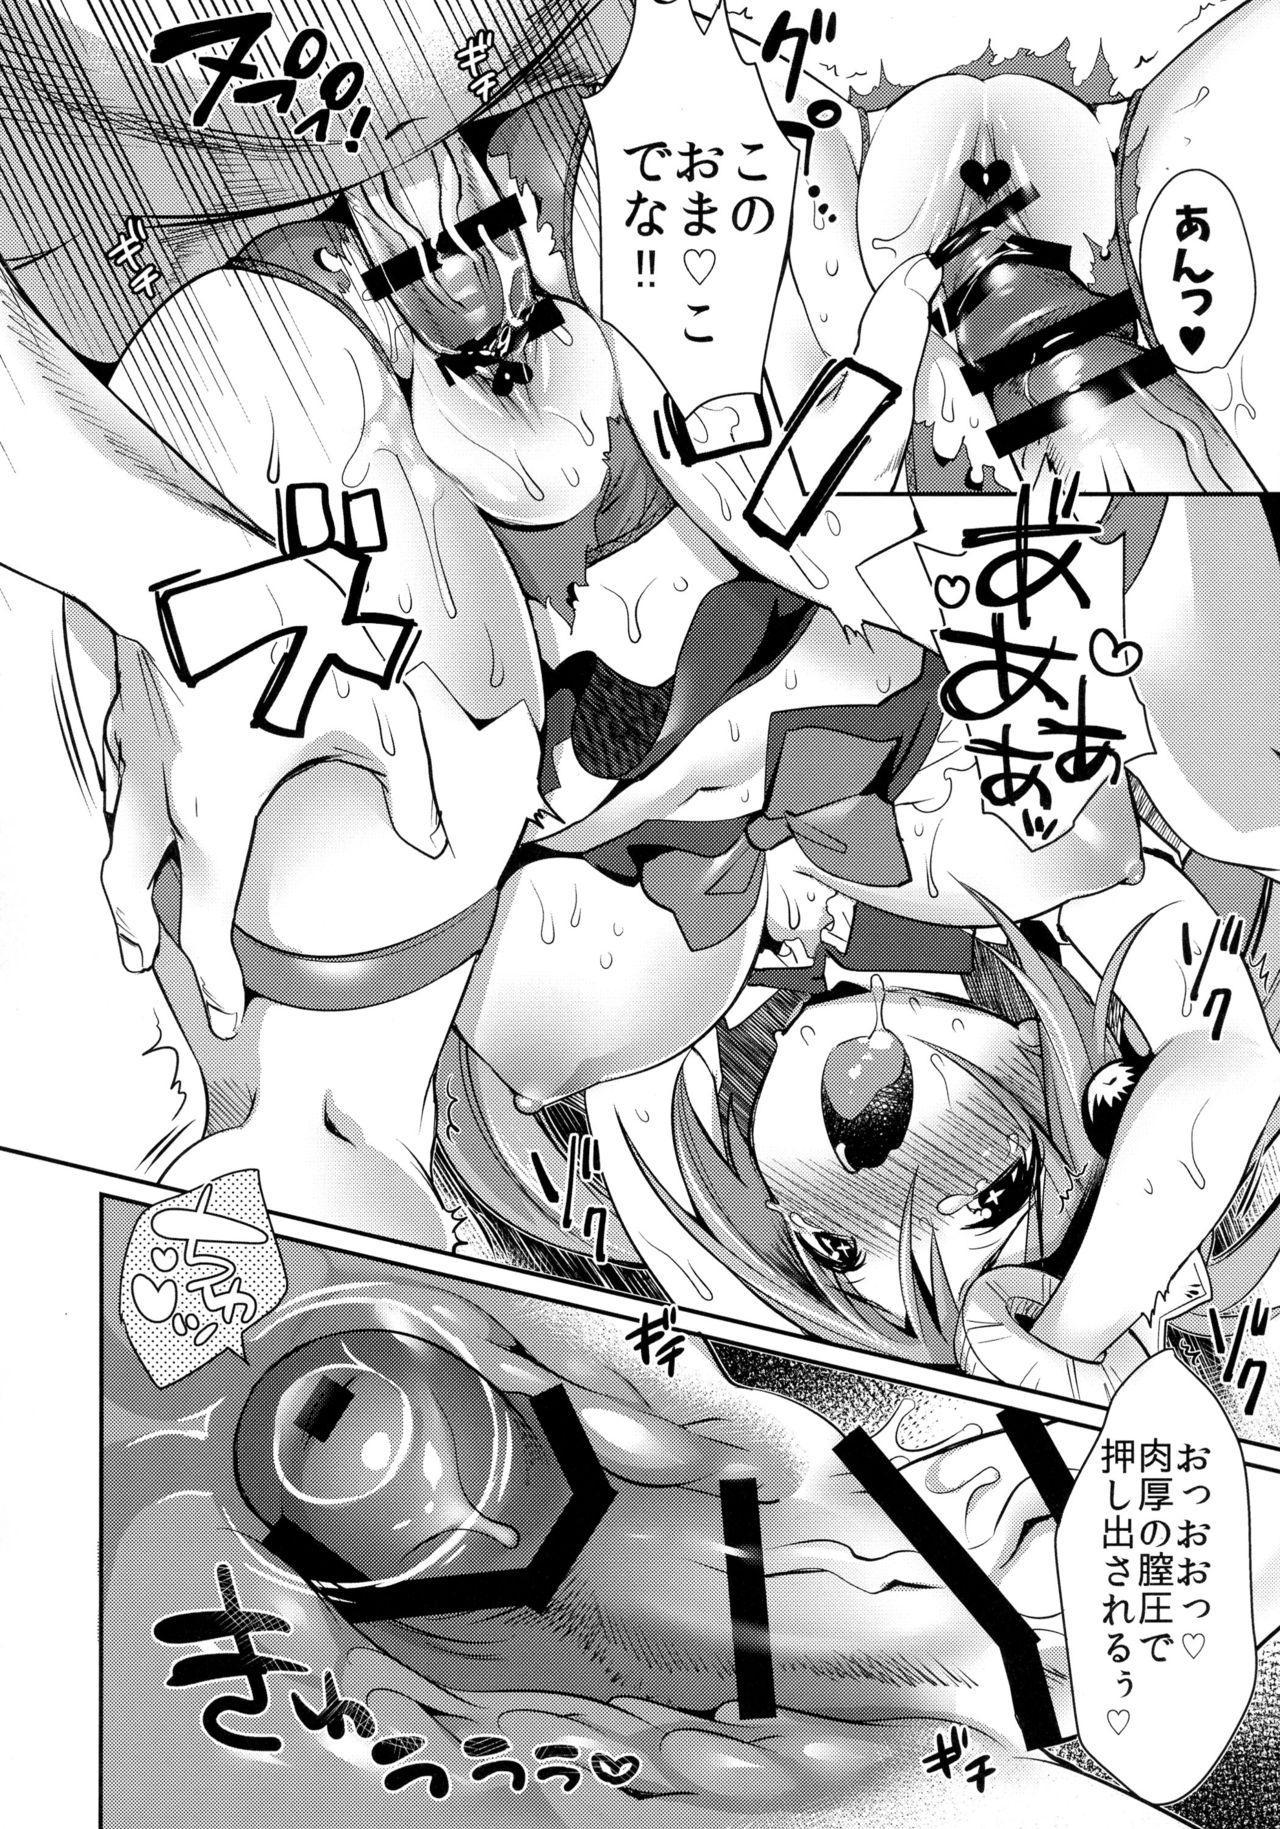 Manpukumaru-chan o Manpuku ni suru Hon 10